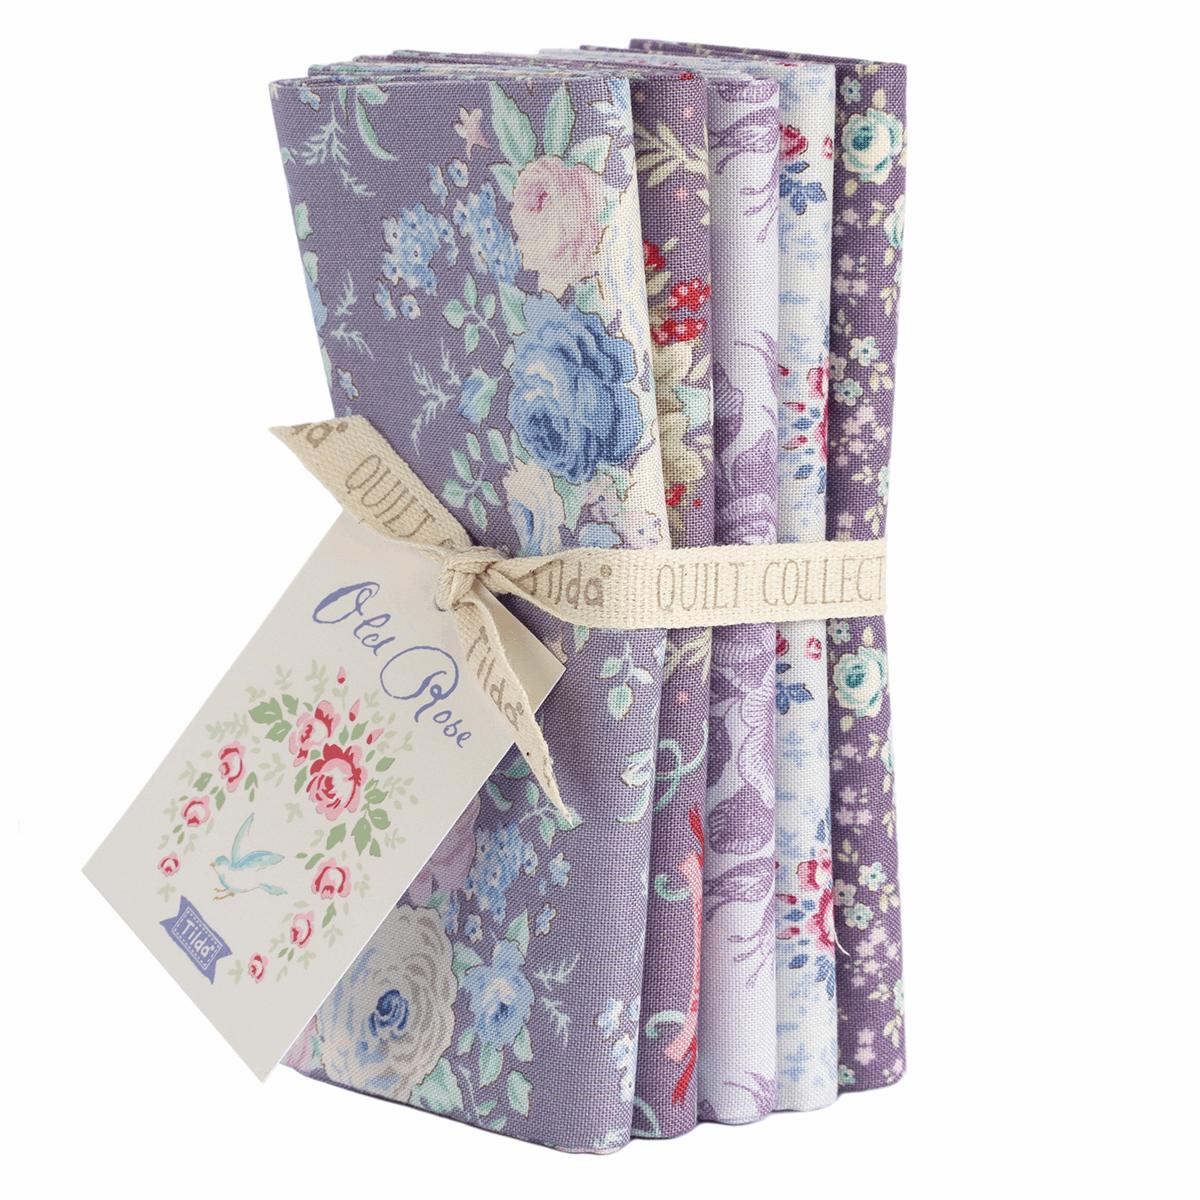 Old Rose Fat Quarter Bundle - Lilac / Lavender